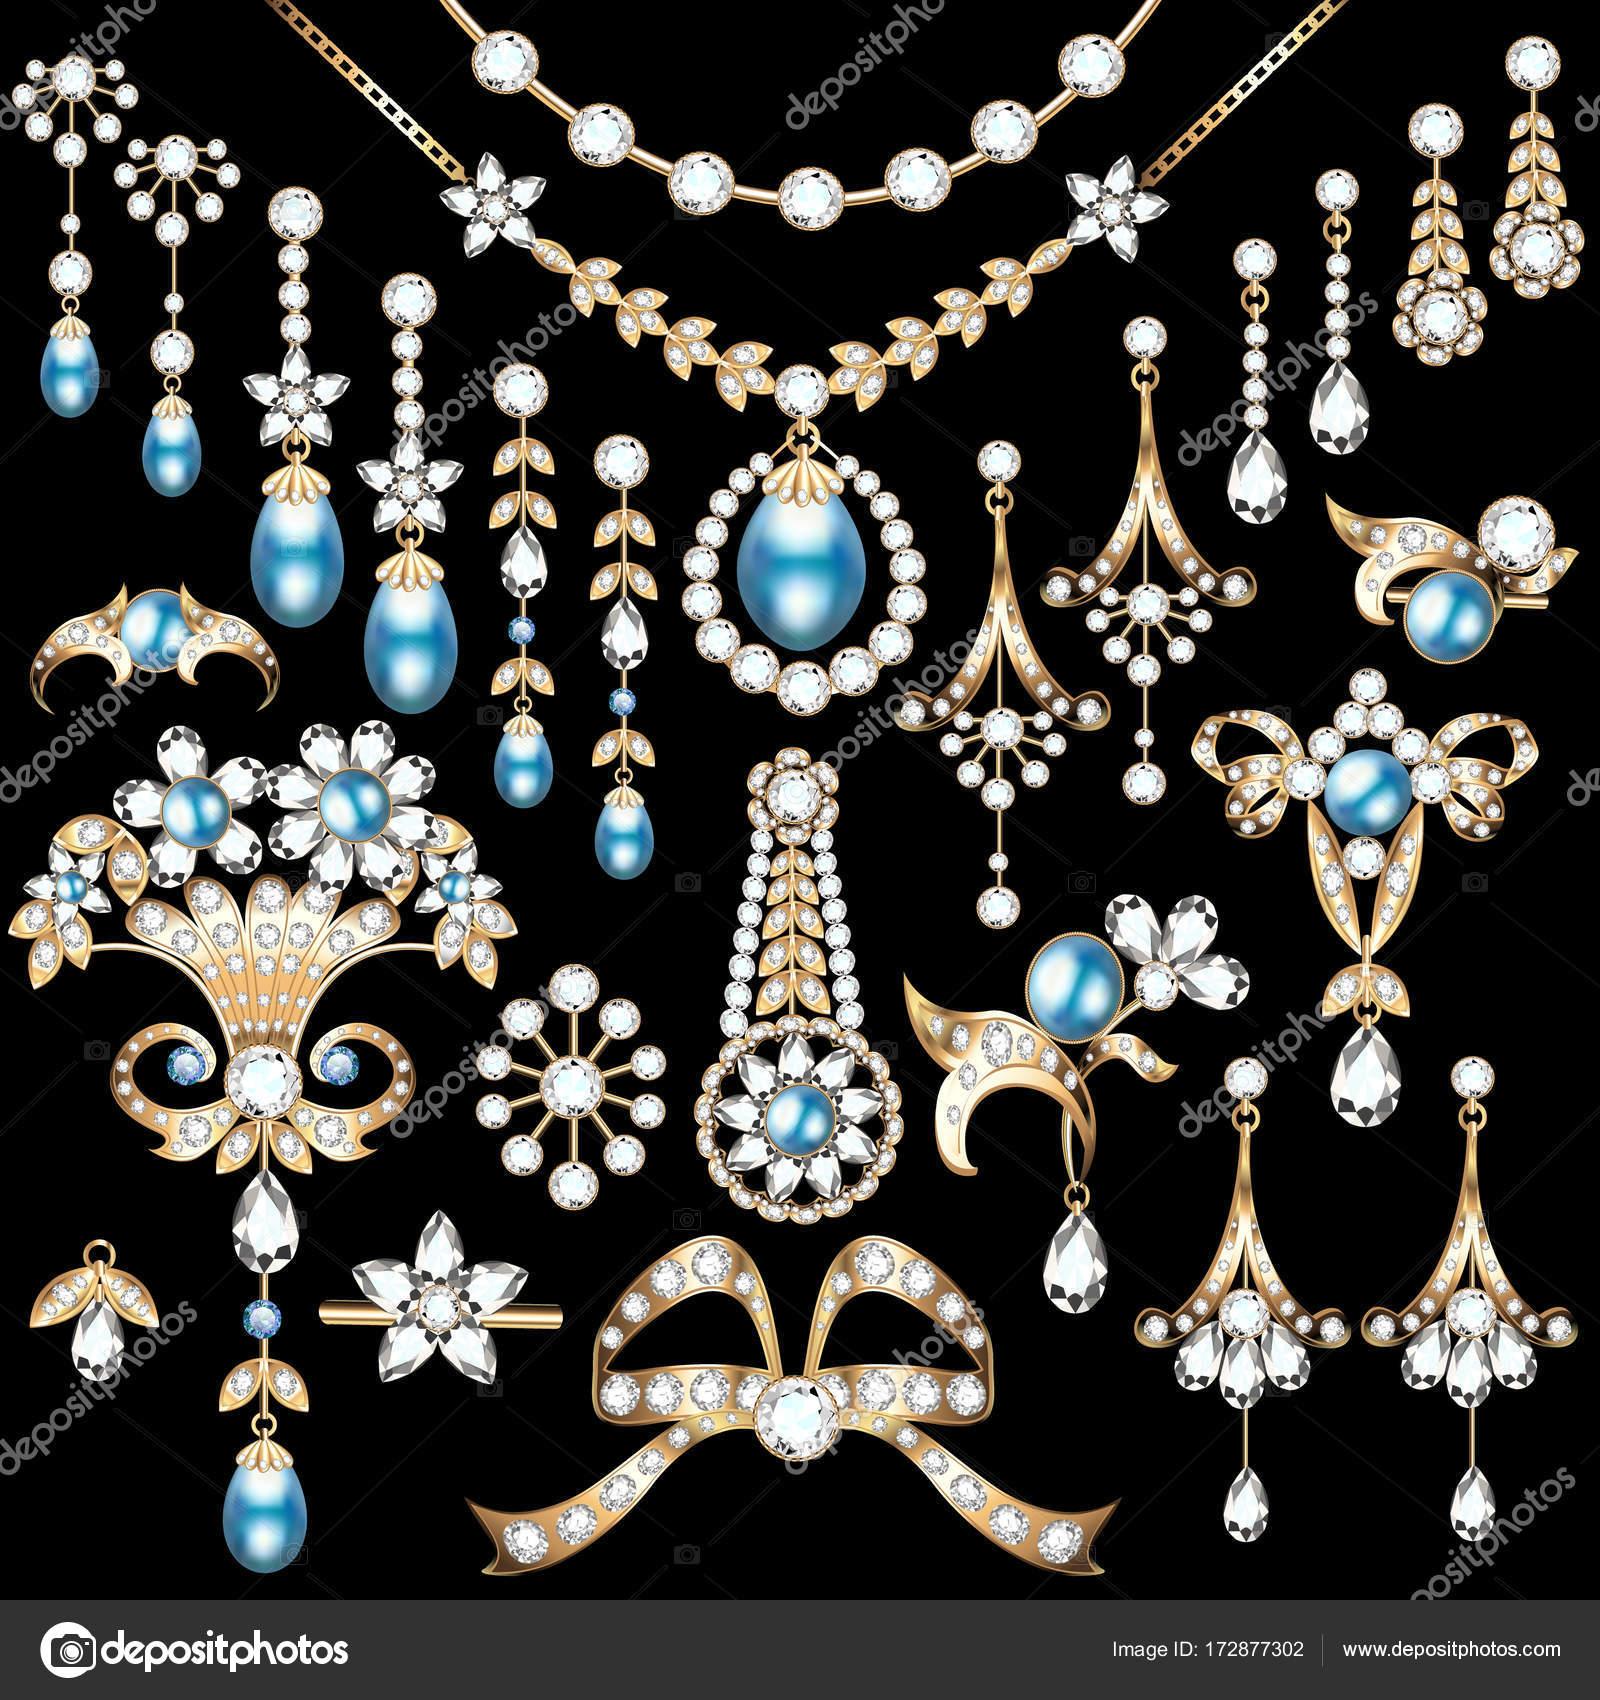 9b1065f5be32 Ilustración conjunto de joyas de oro y piedras preciosas bro ...